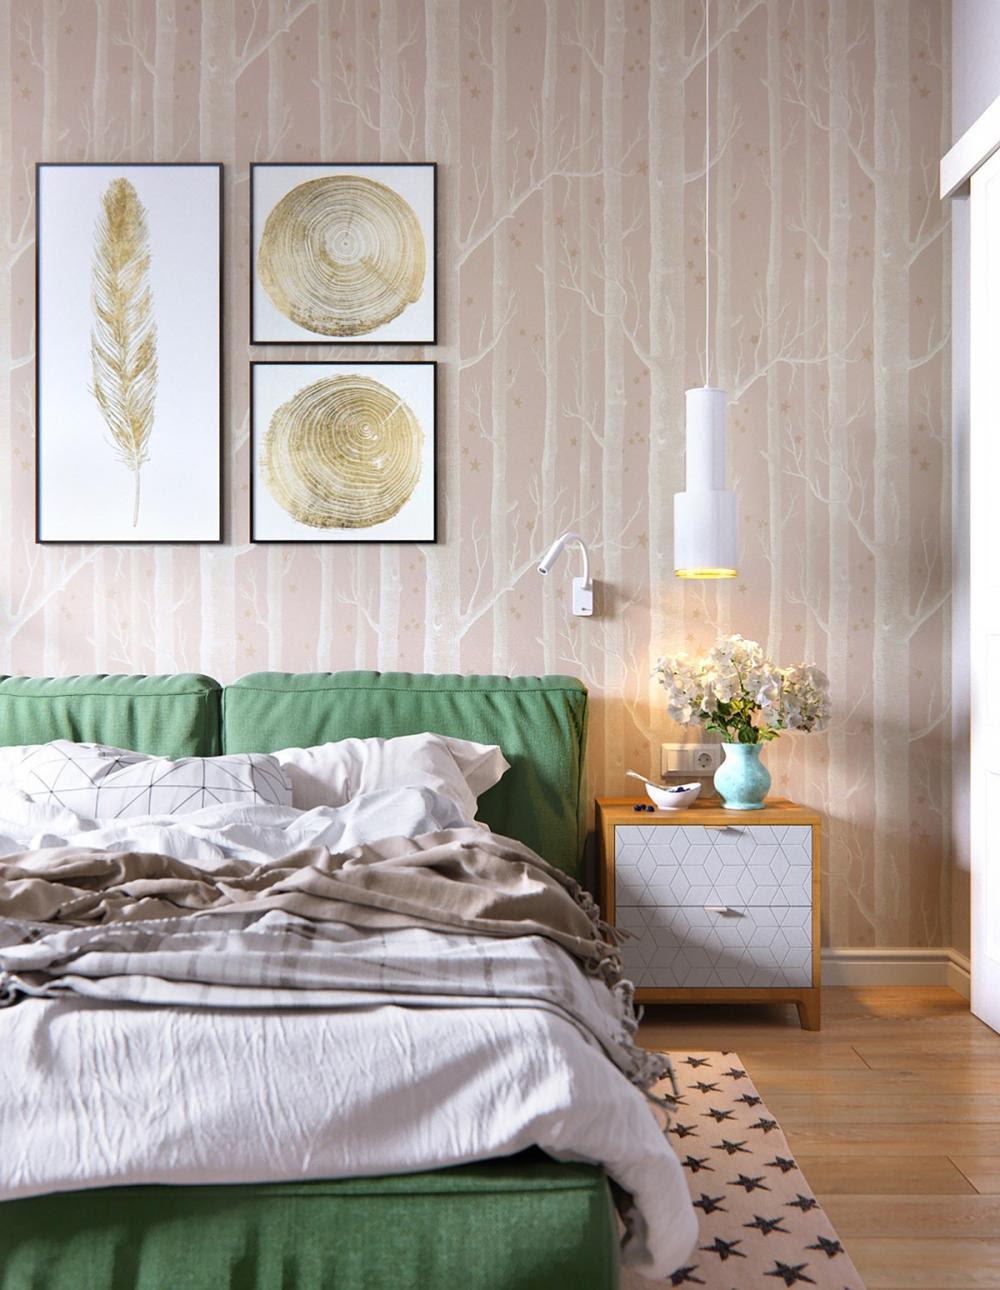 chi tiết trang trí phòng ngủ